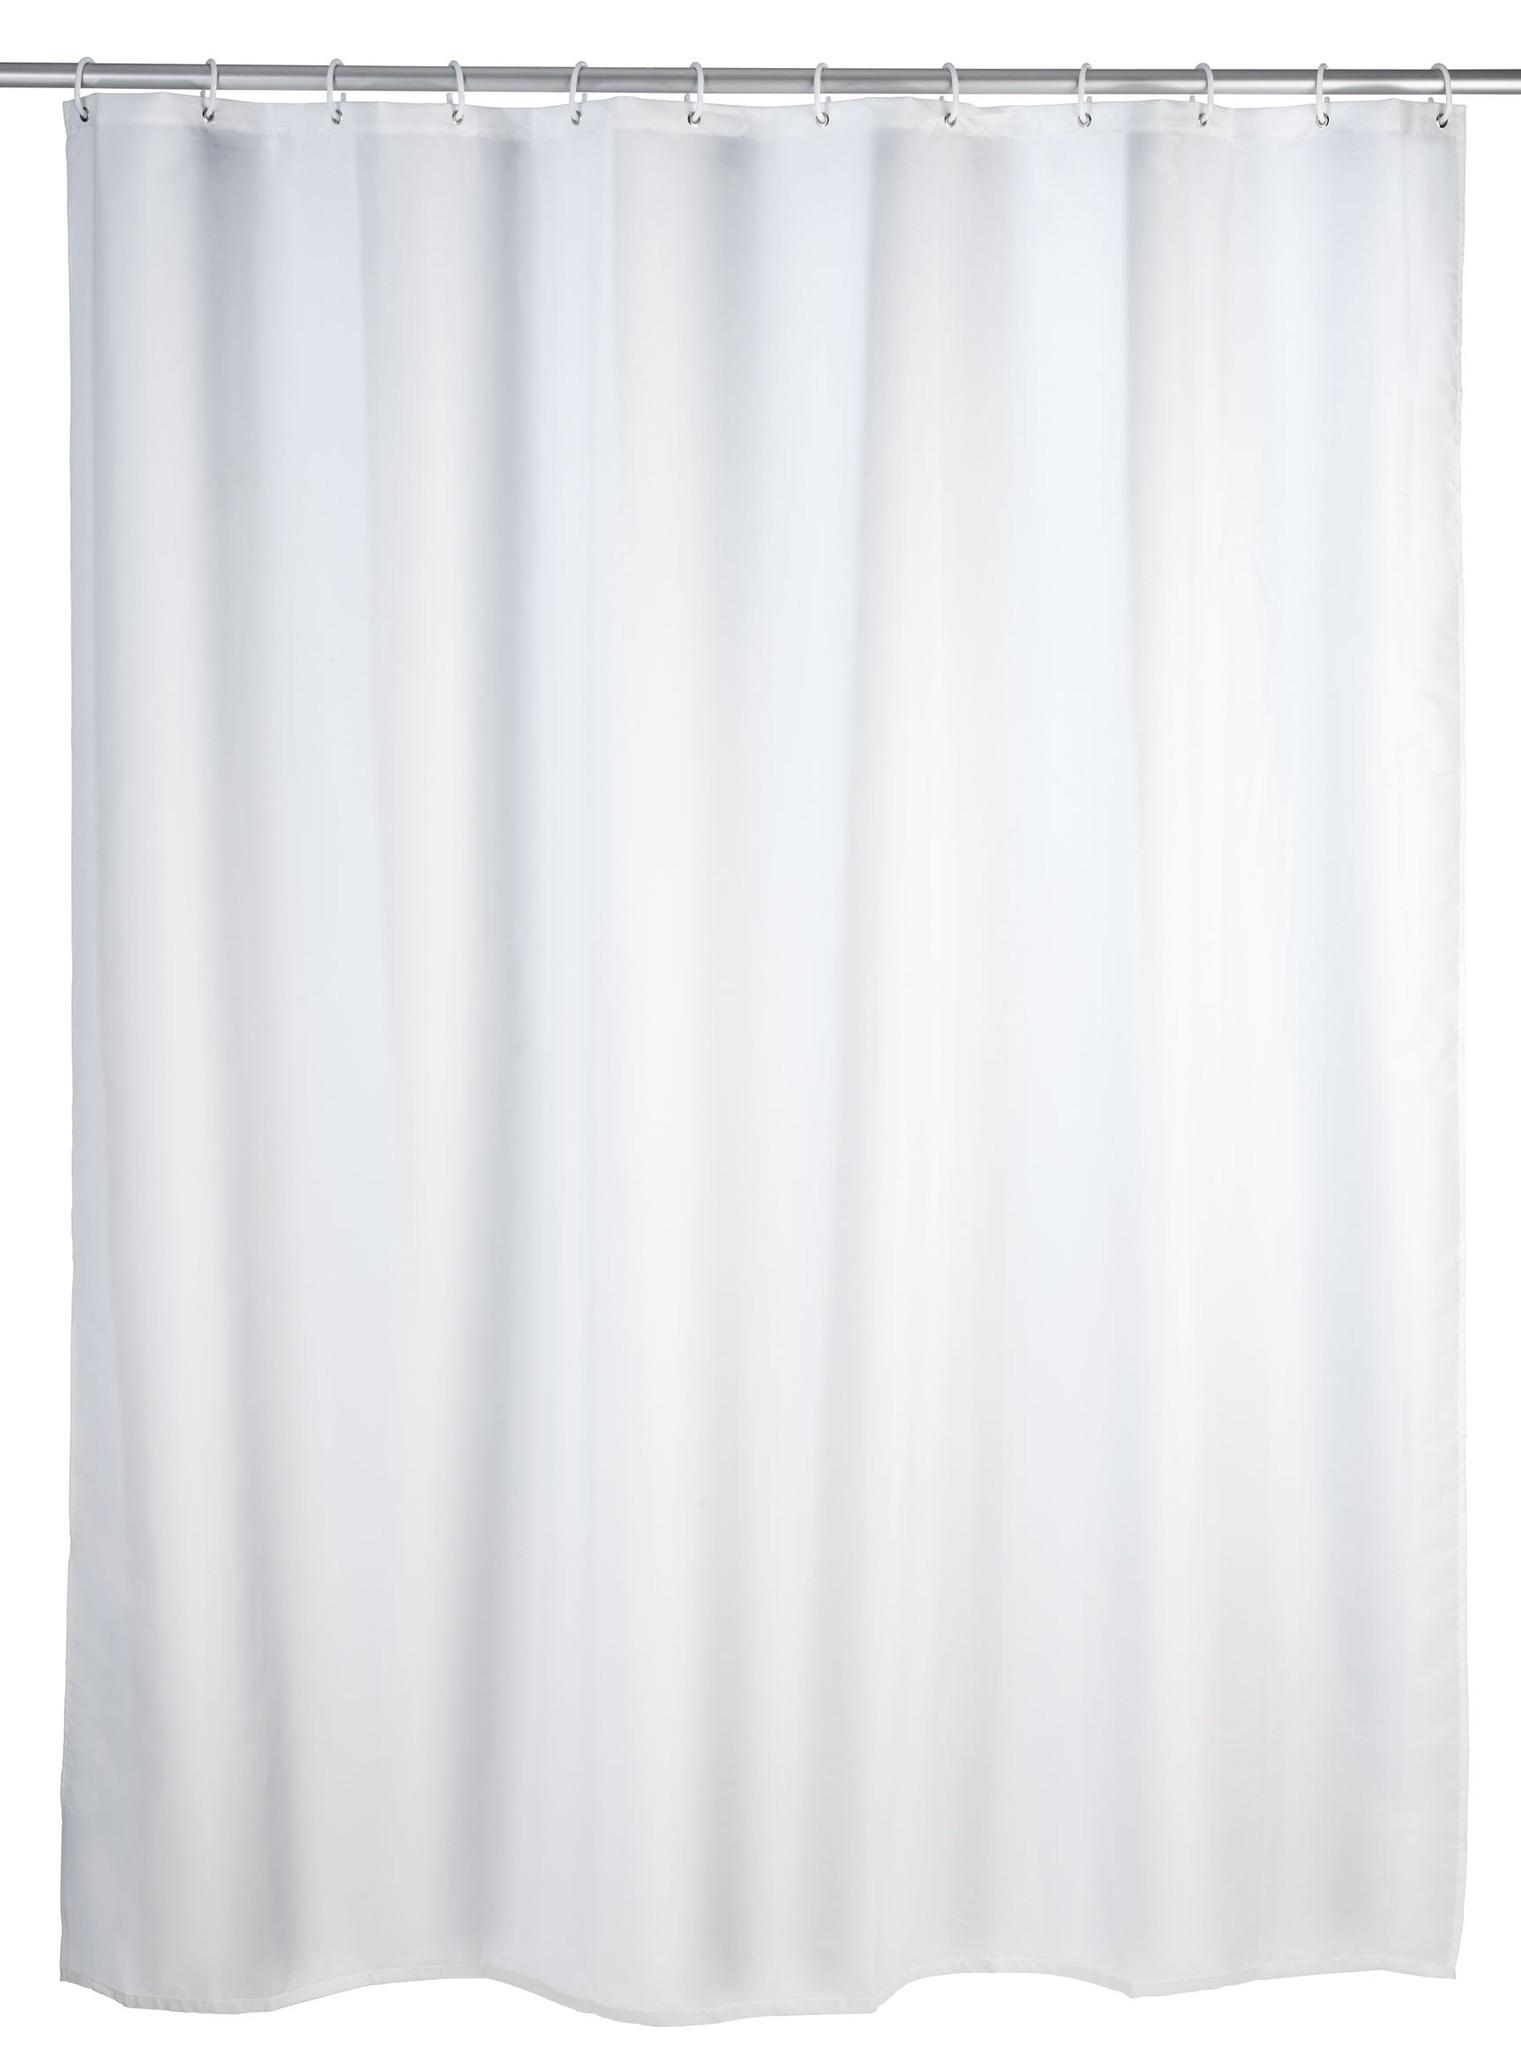 Anti-Schimmel Duschvorhang Uni White, 180 x 200 cm, waschbar